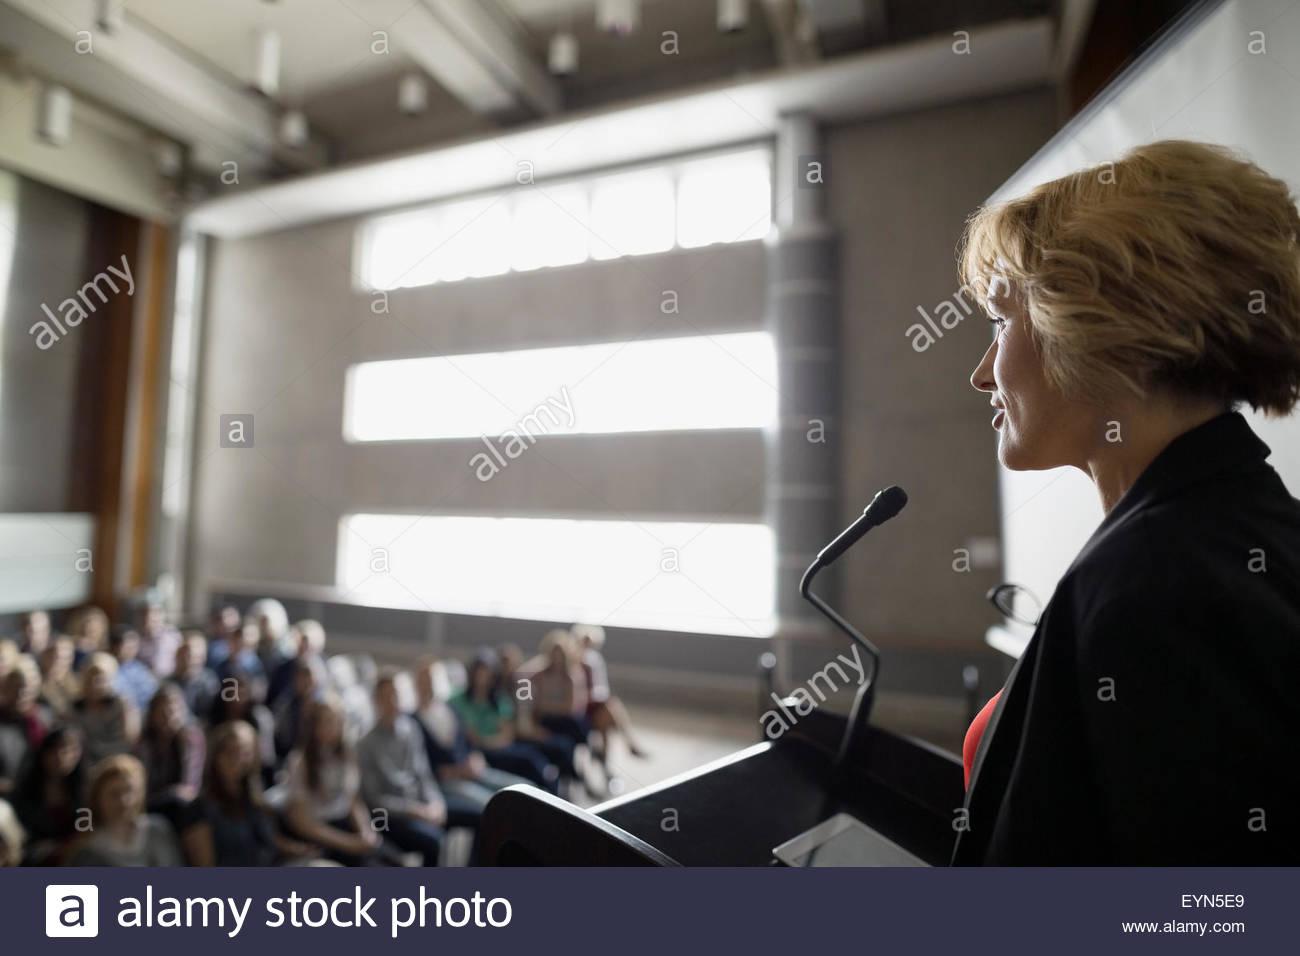 Il Professor parlando a podio al pubblico auditorium Immagini Stock